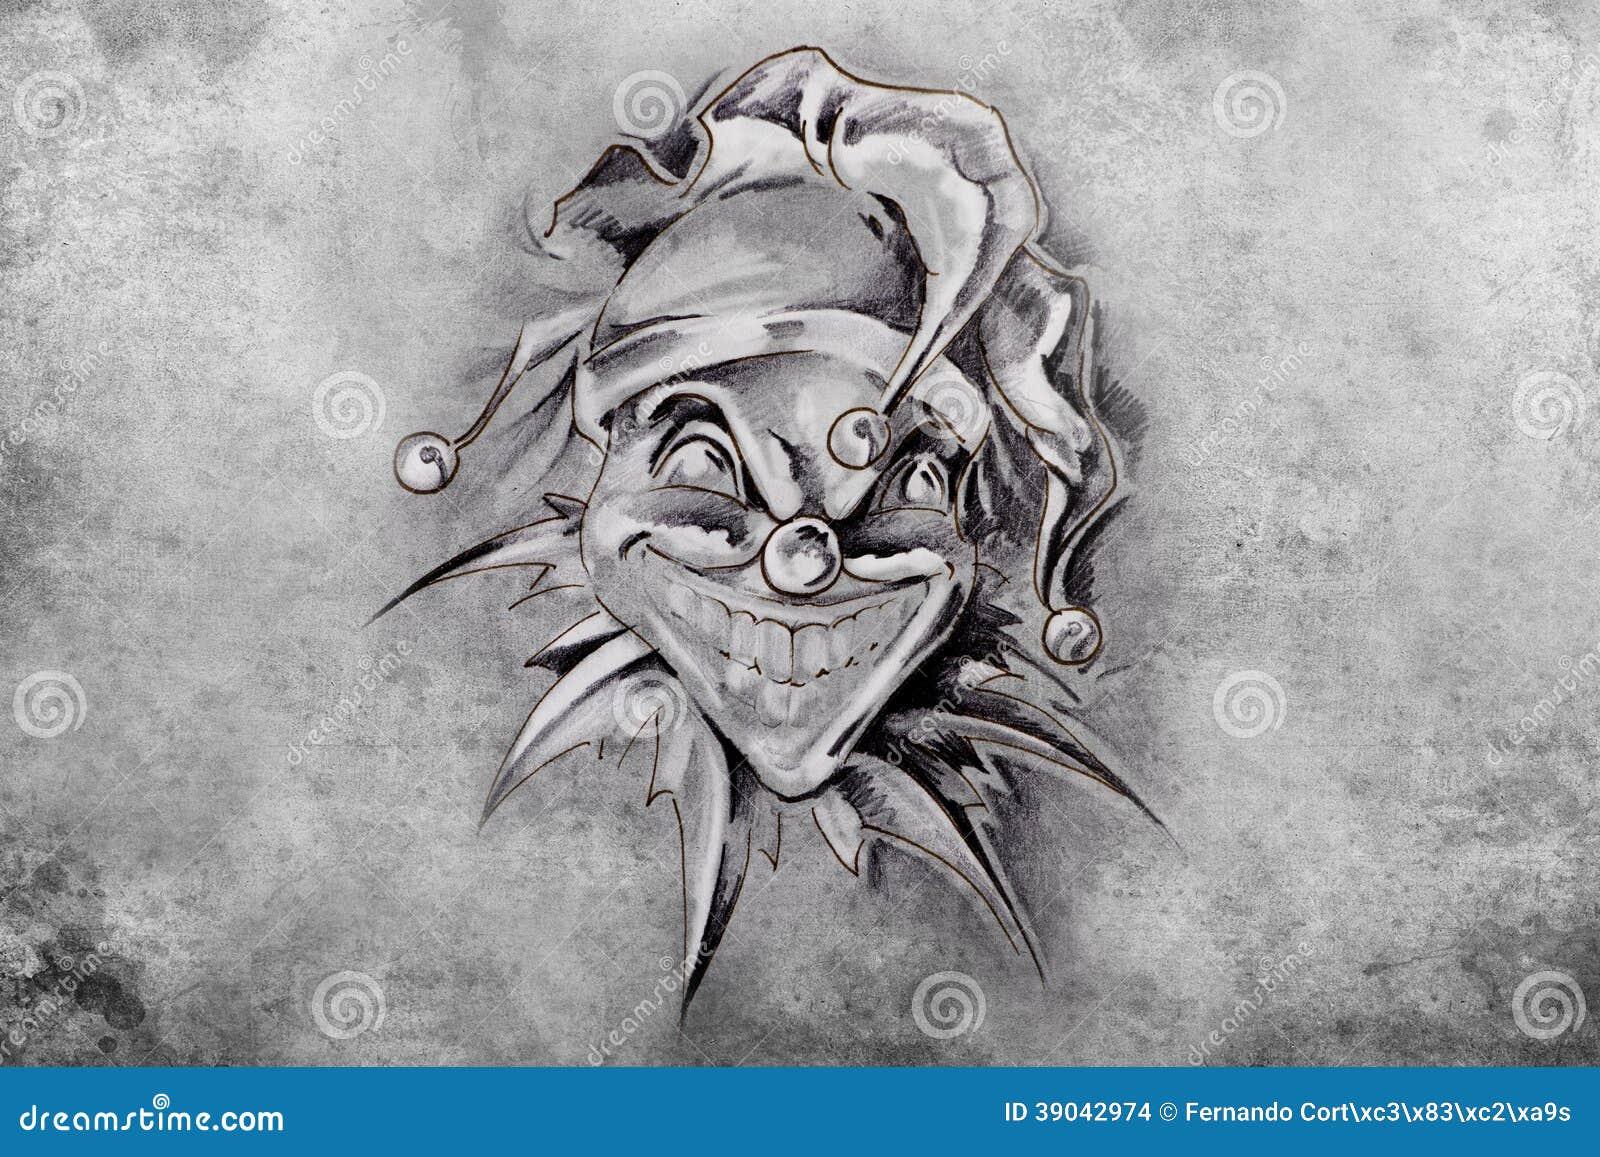 Tatuazu Joker Ilustracja Handmade Ilustracji Ilustracja Zlozonej